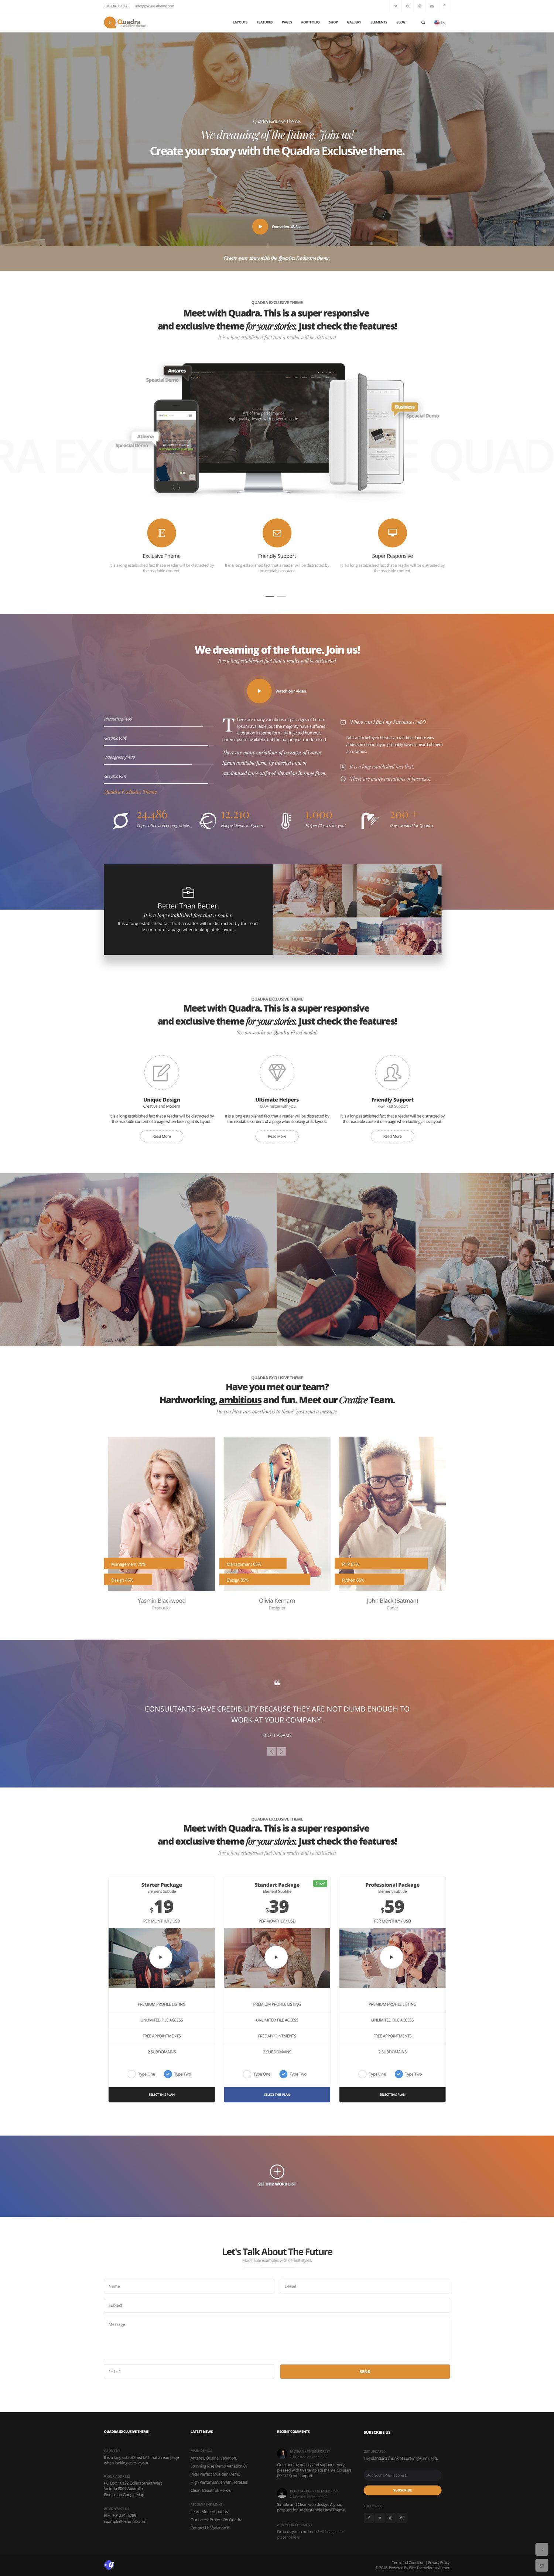 Quadra Creative Template, Atlas demo. Beautiful creative website ...